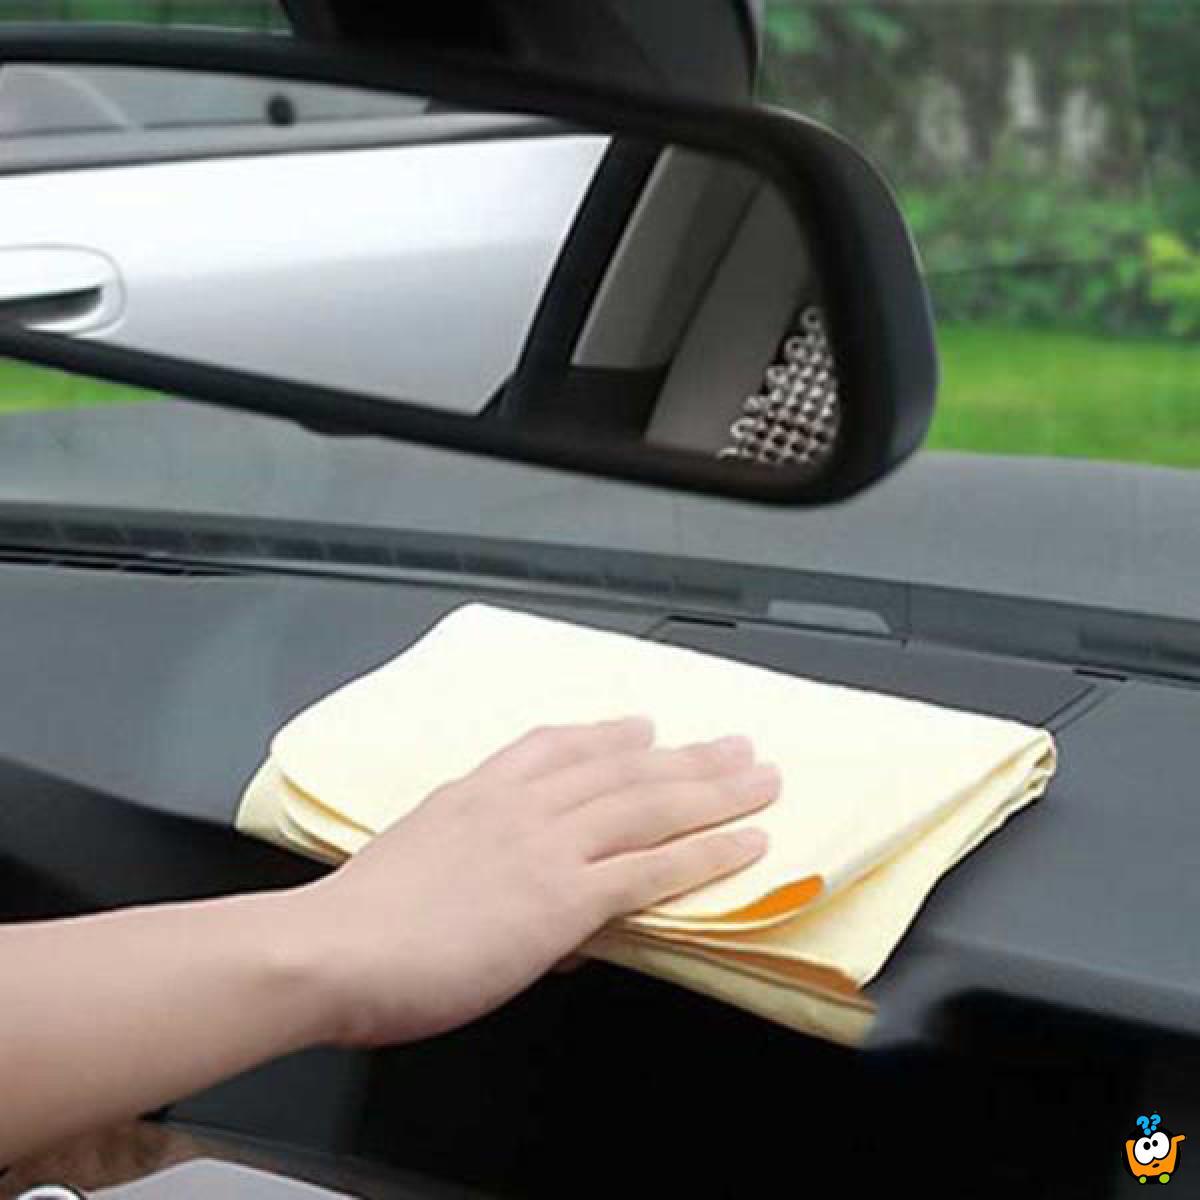 Car clean cham - Mikrofiber krpa za brisanje stakla i drugih površina